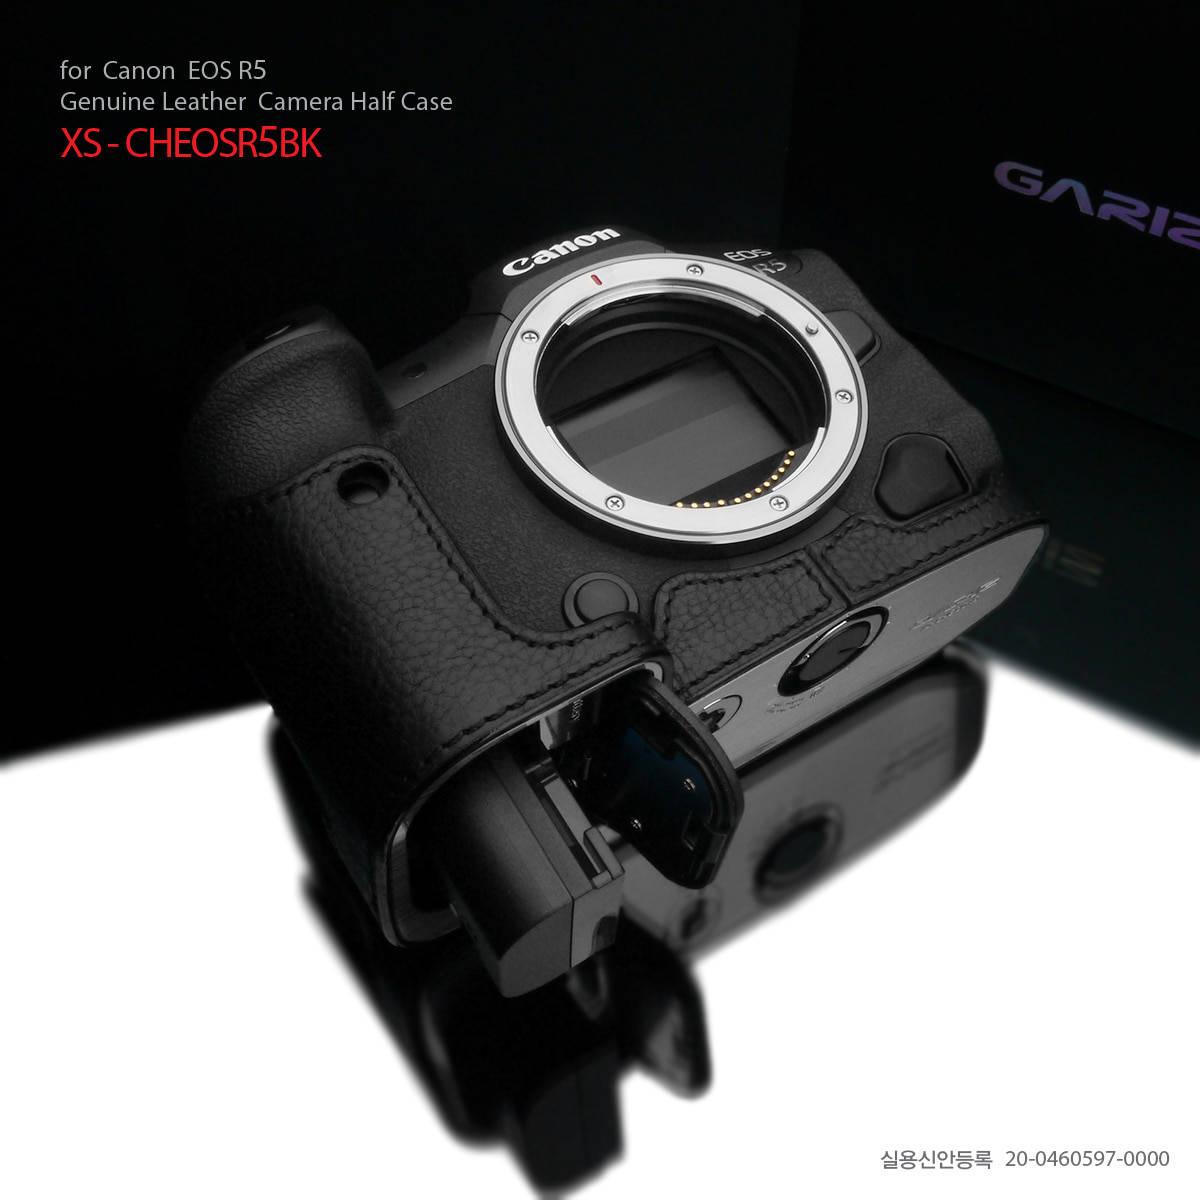 เคส Canon EOS R5 R6 Gariz XS-CHEOSR5BK